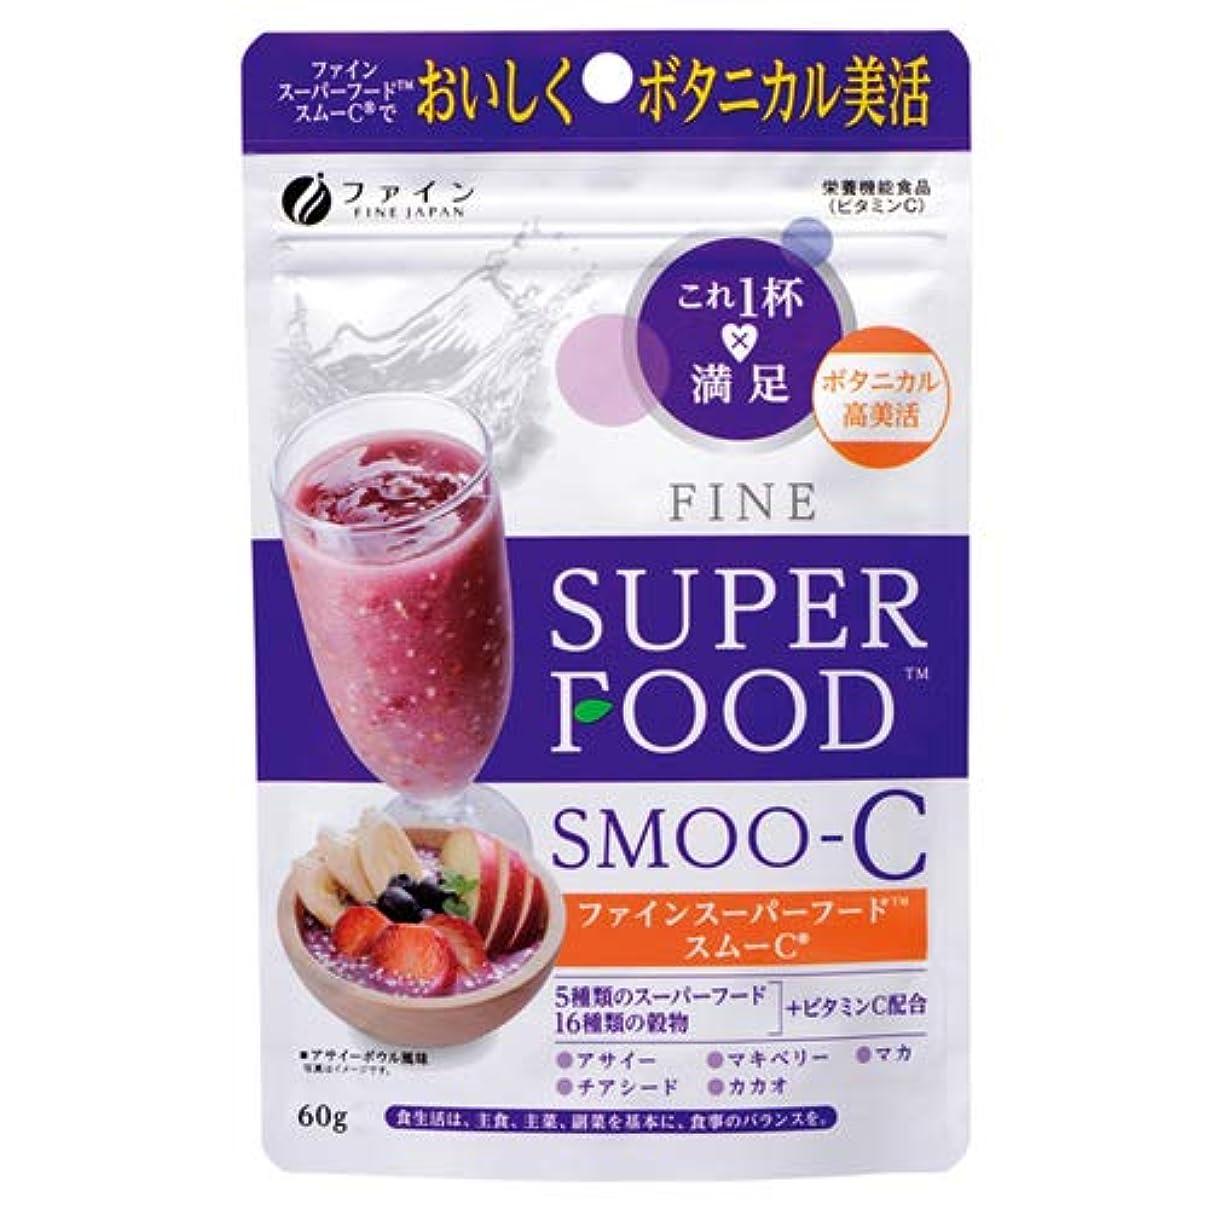 自然お嬢パンサーファイン スーパーフード スムーC 60g 【50袋組】